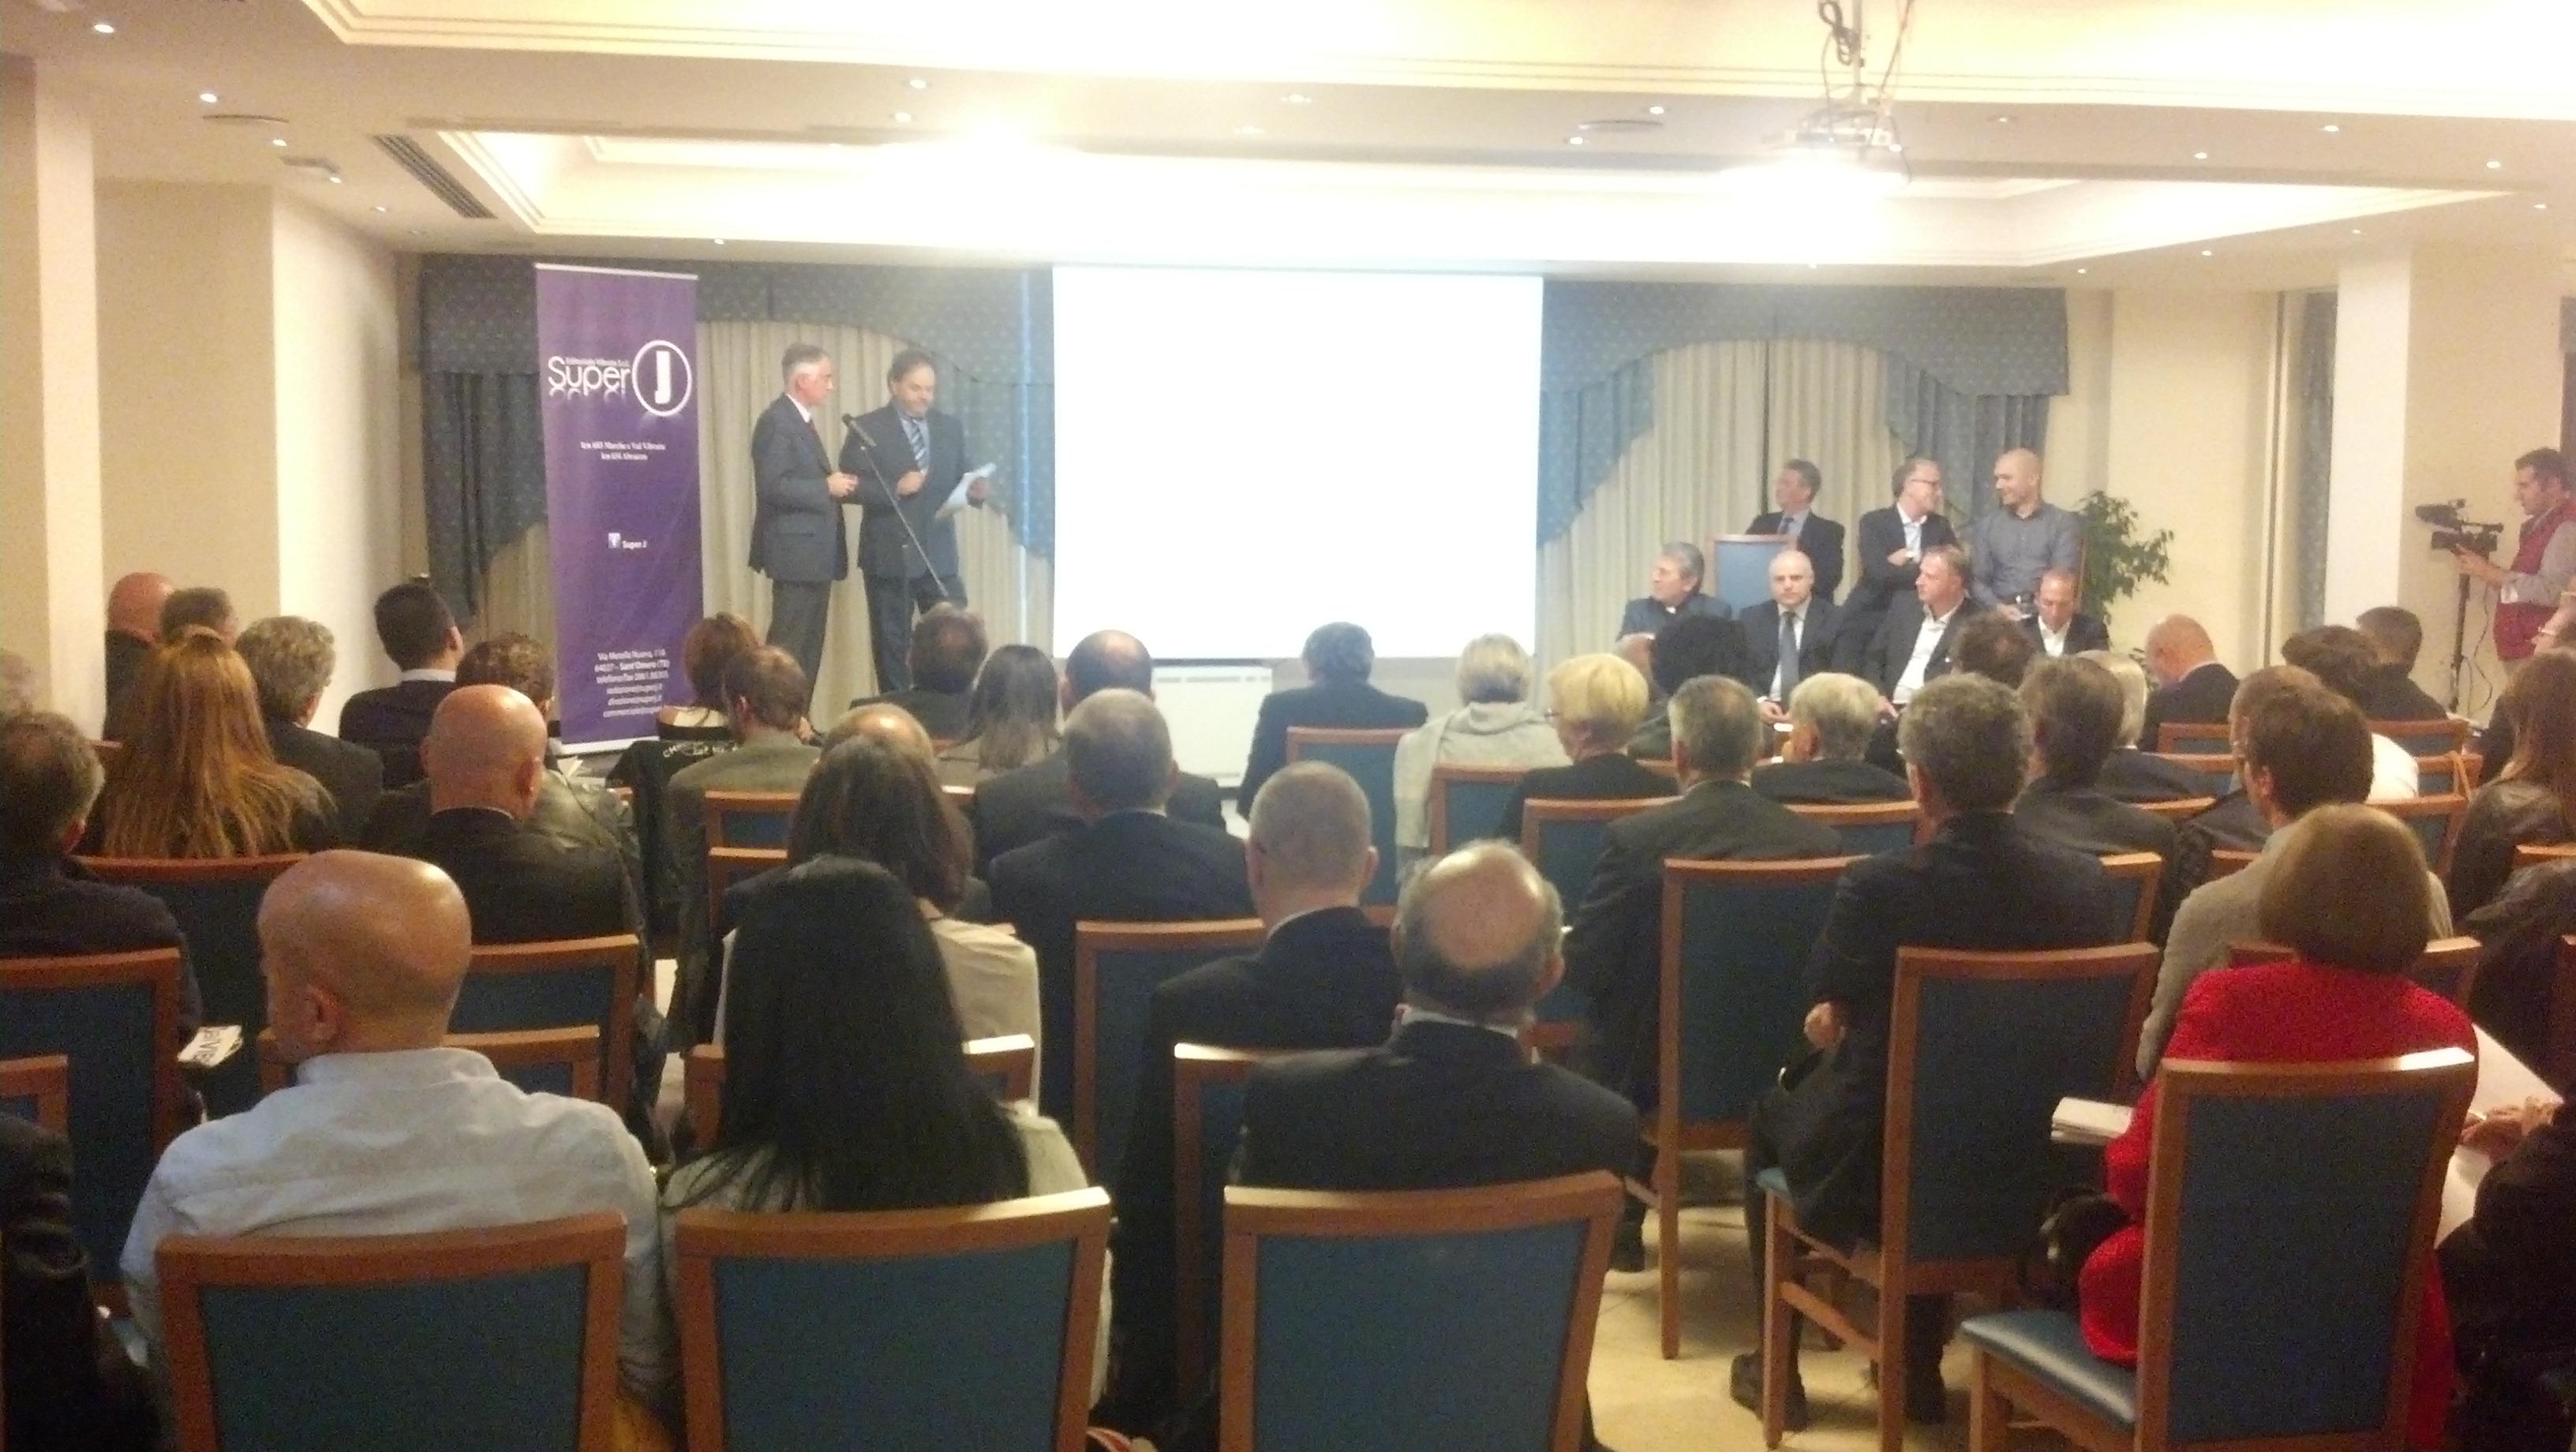 Inaugurazione Super J, qui il direttore Walter Cori con il vicepresidente della Regione Marche Antonio Canzian